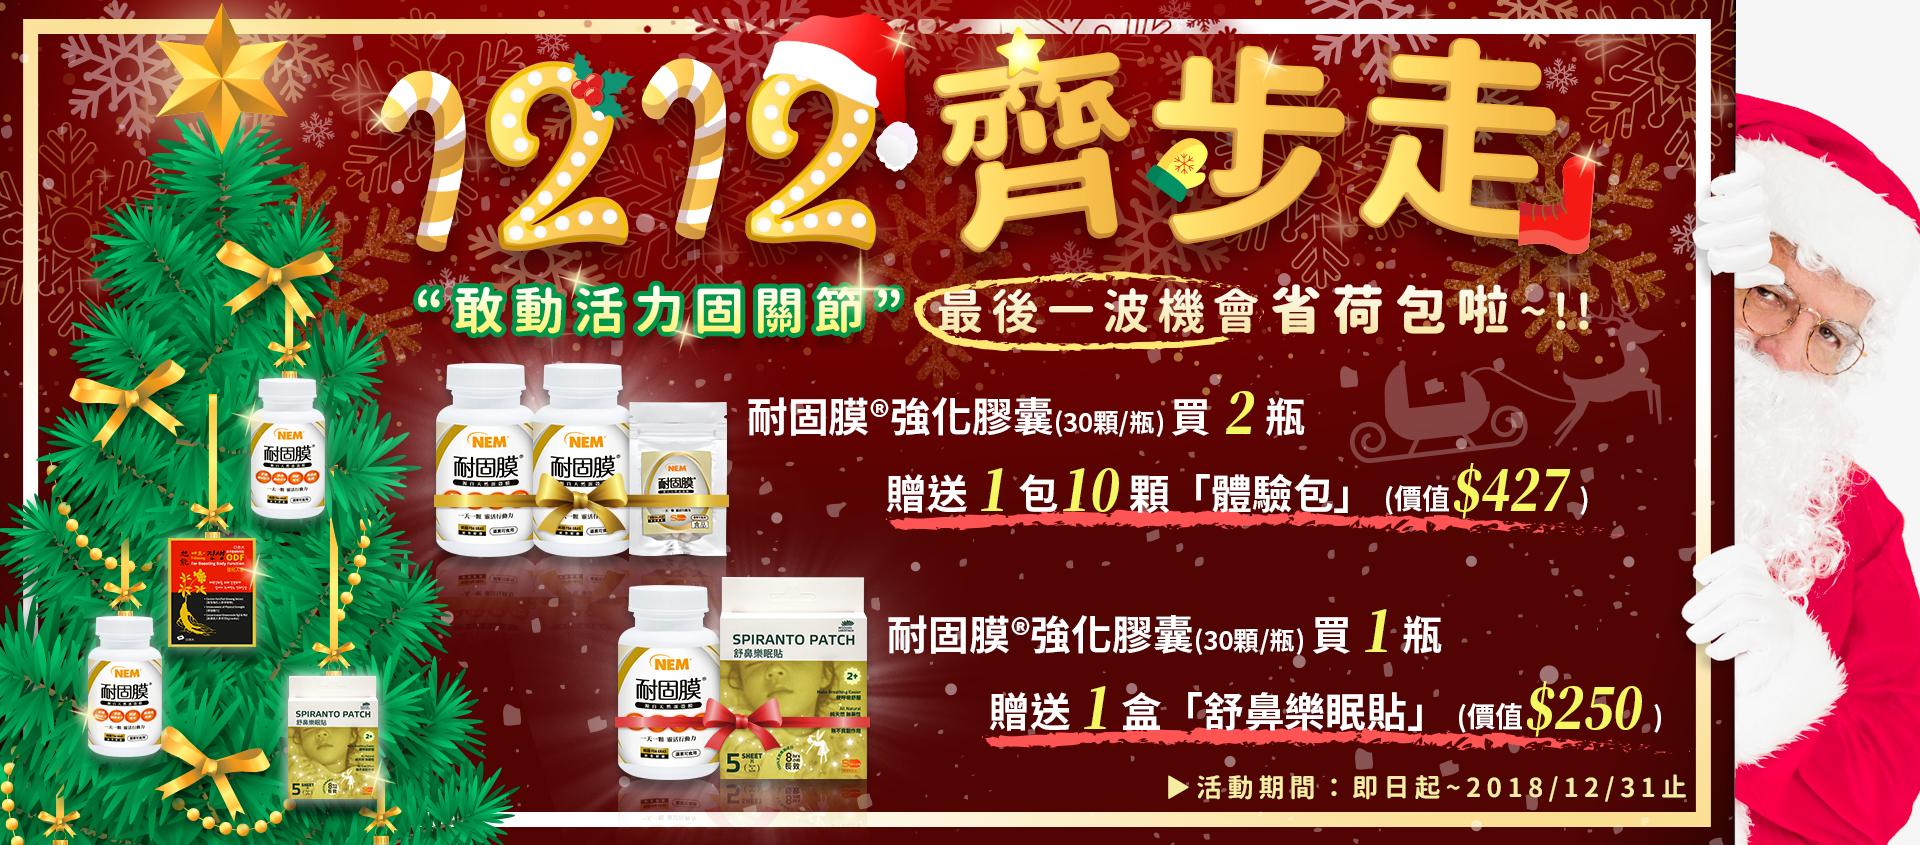 12月優惠活動,NEM,耐固膜,體驗包,舒鼻眠貼,雙12,聖誕節